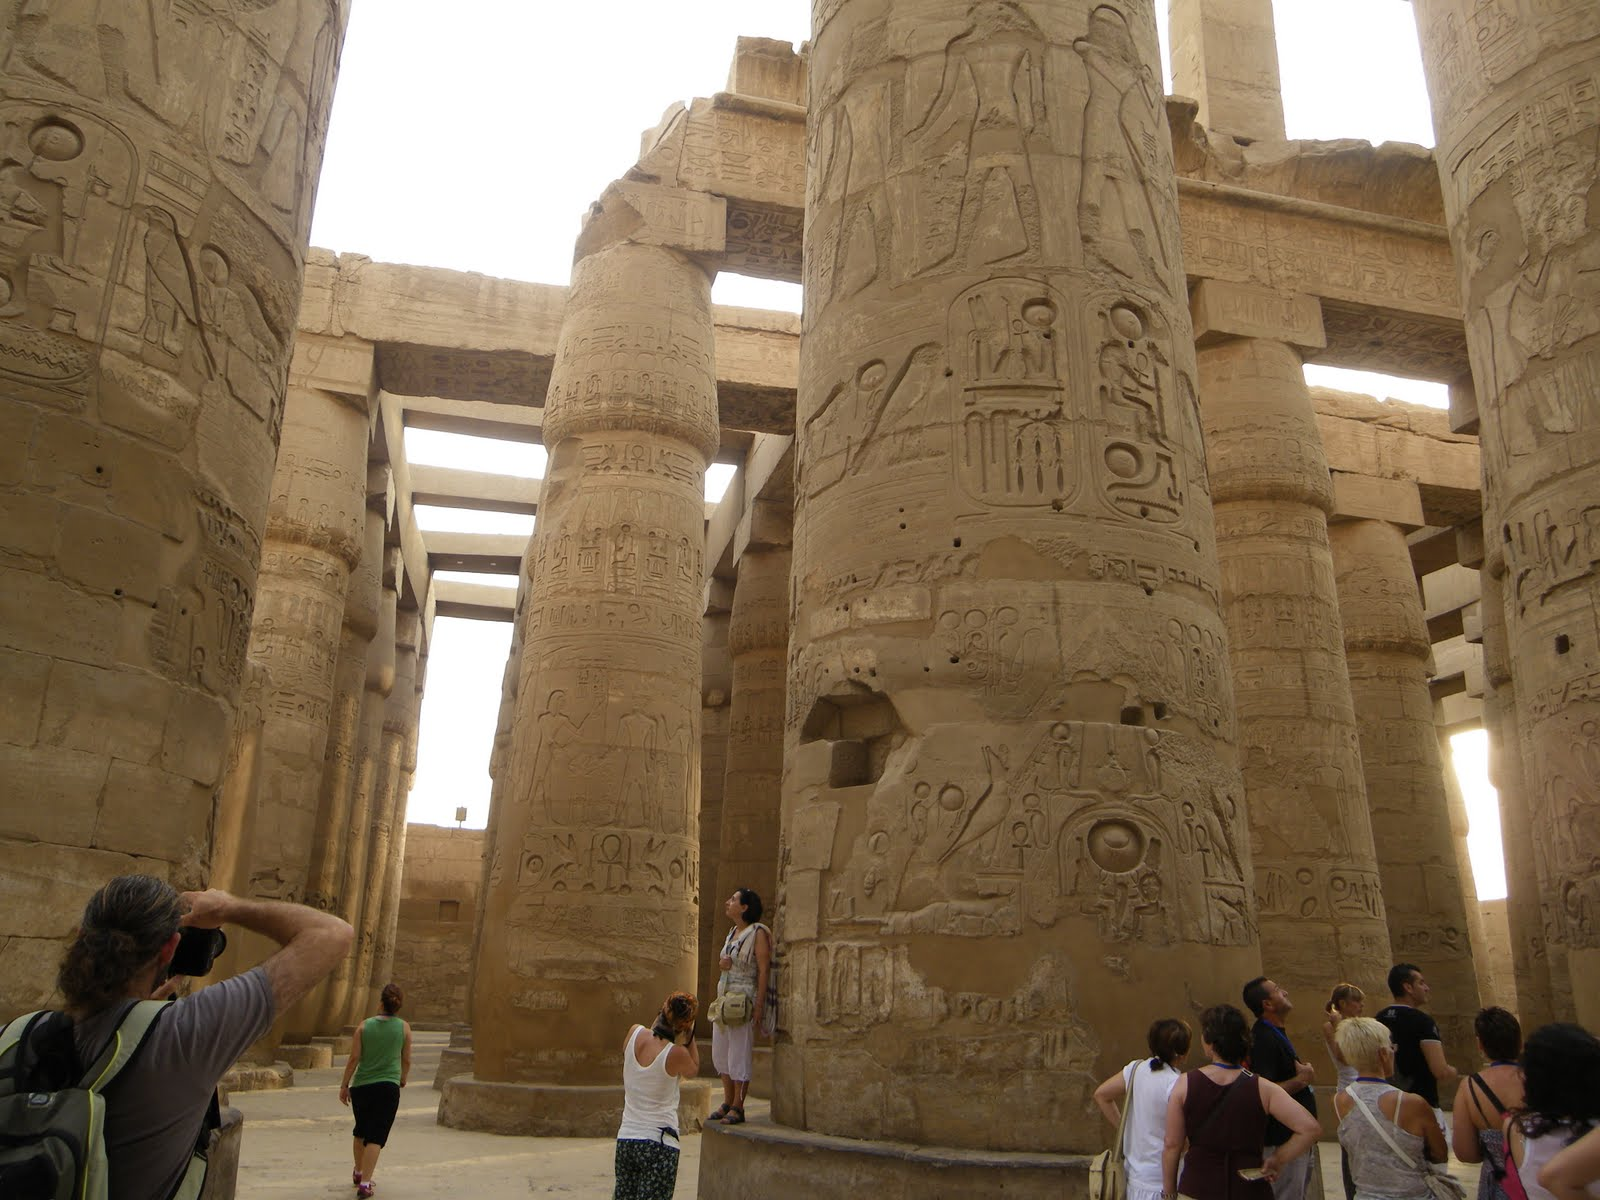 Arquitectura religiosa en egipto historia del arte for Arquitectura de egipto